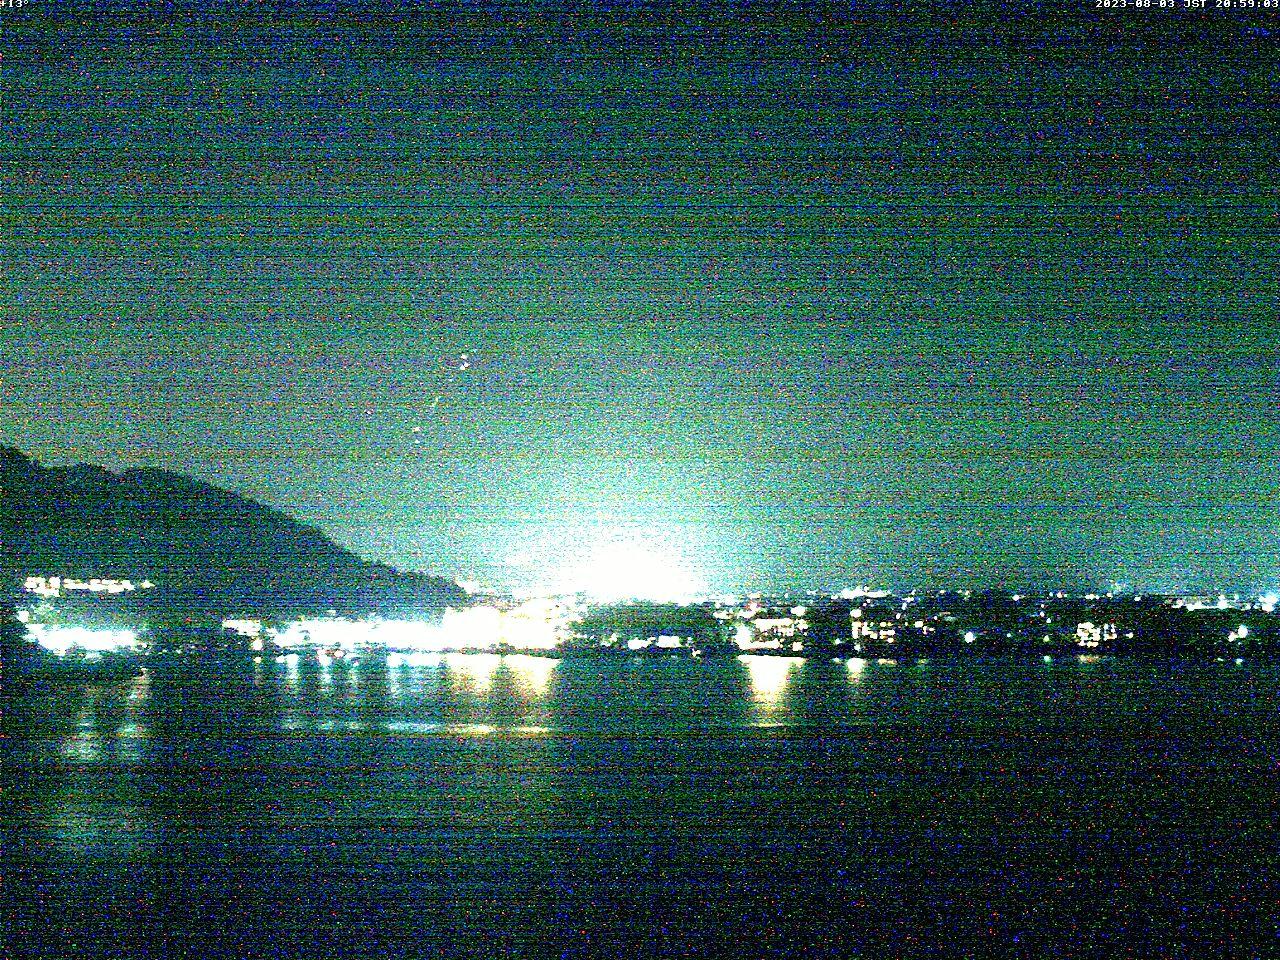 富士山ライブカメラ(河口湖逆さ富士カメラ)